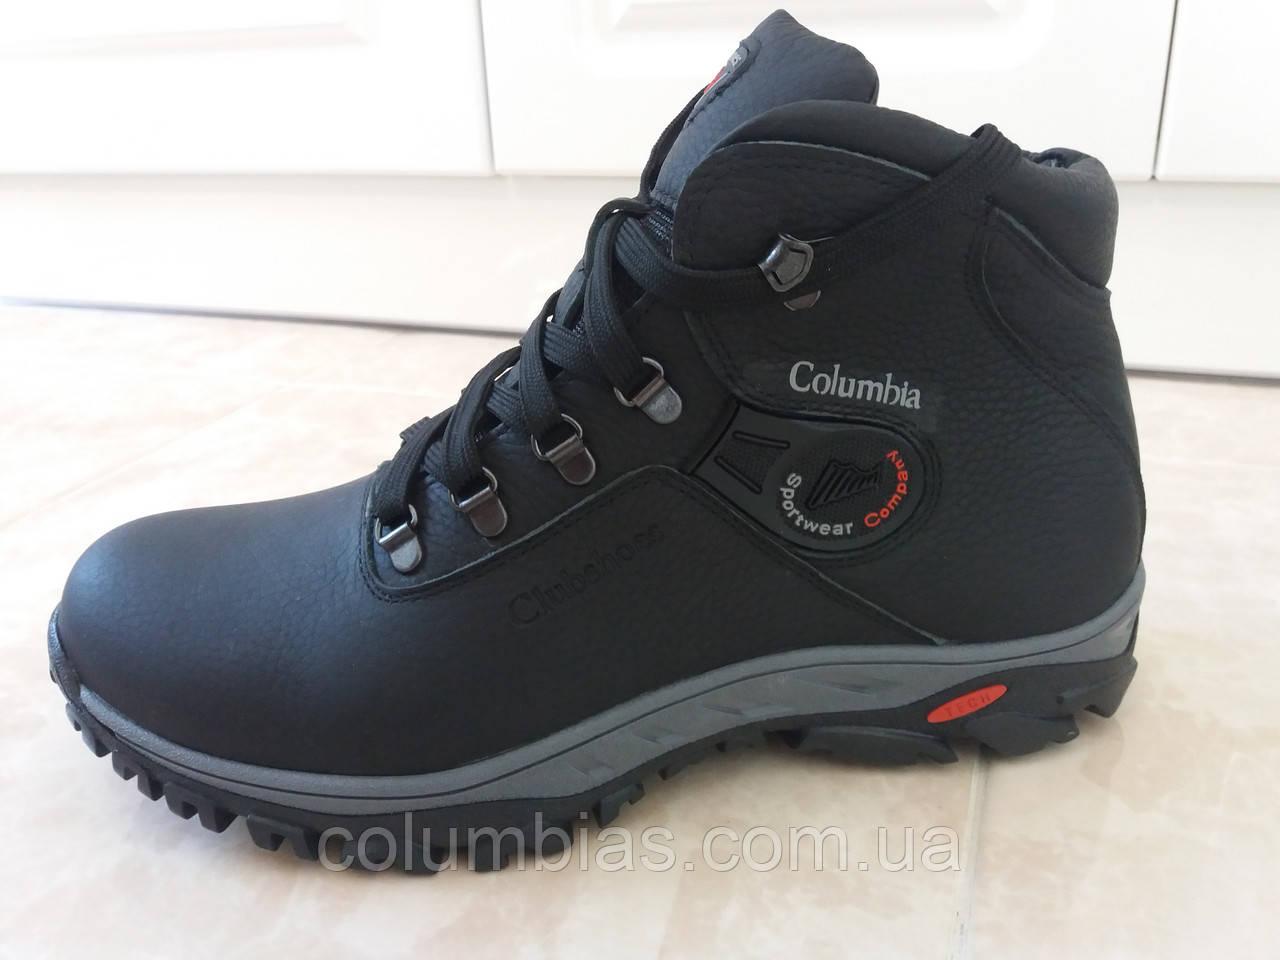 f11bfa1b9d0d Зимние Кожаные Ботинки Columbia — в Категории